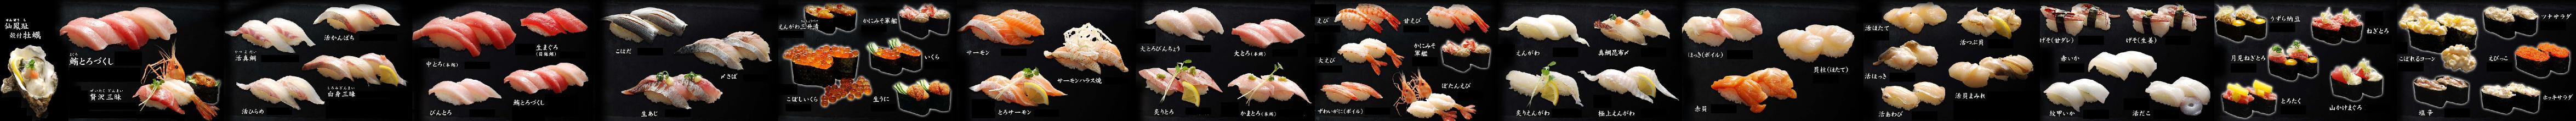 うまか亭 福島市 回転寿司 仙鳳趾 牡蠣 白子 いくら